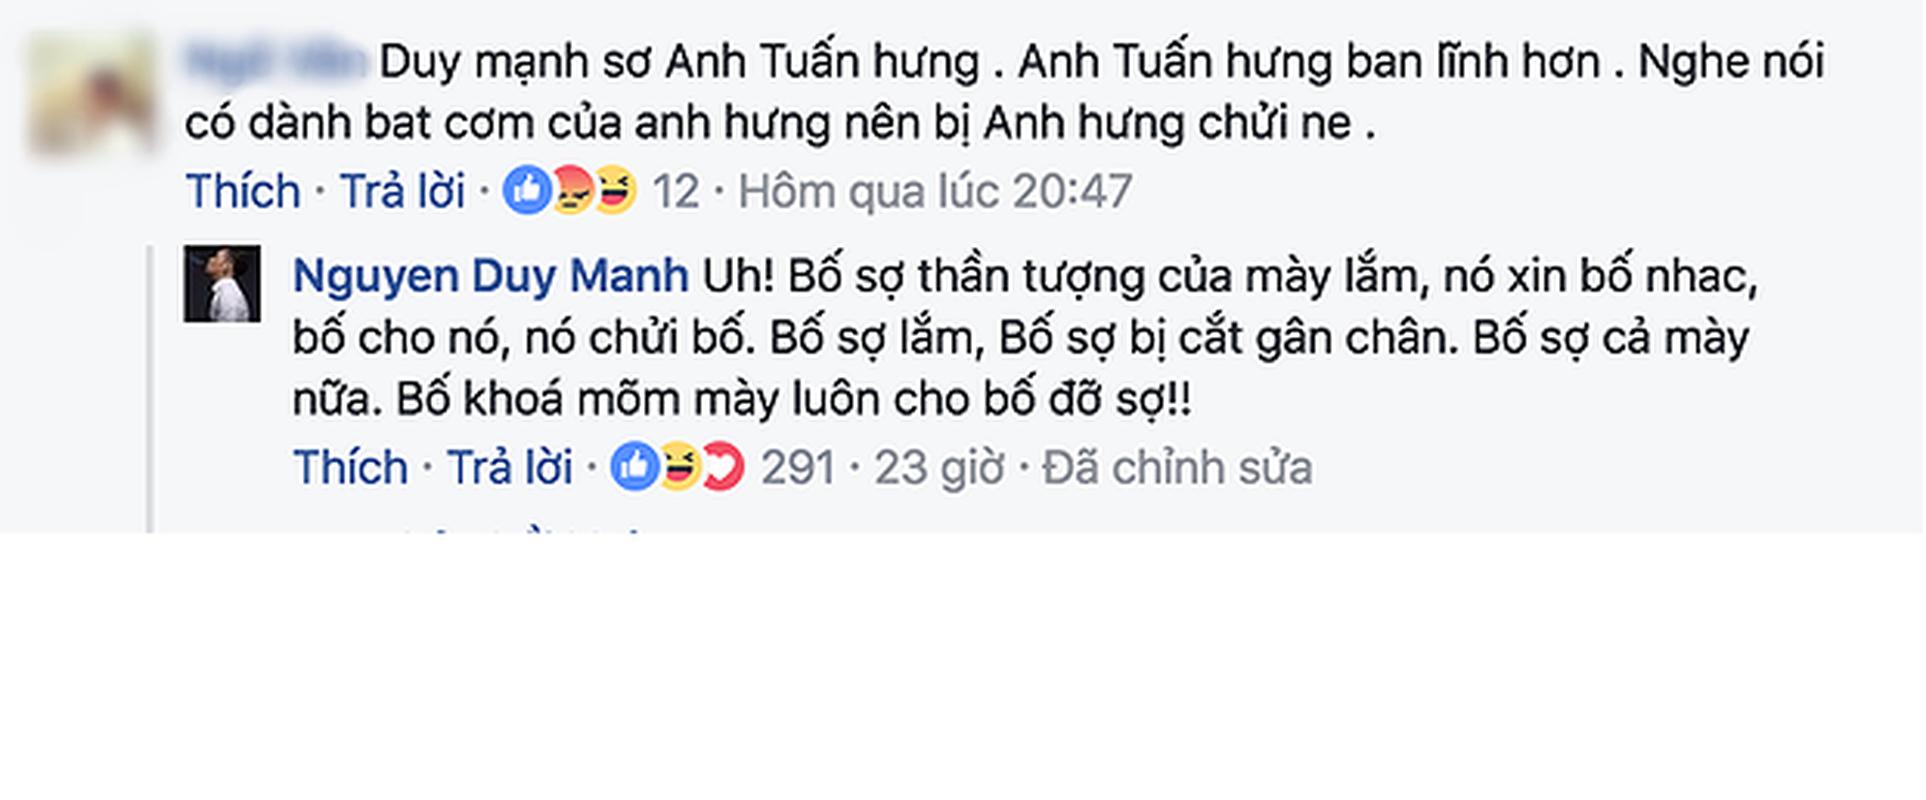 """Loat phat ngon soc tan oc cua Duy Manh, sao Viet nao """"dinh chuong""""?-Hinh-4"""